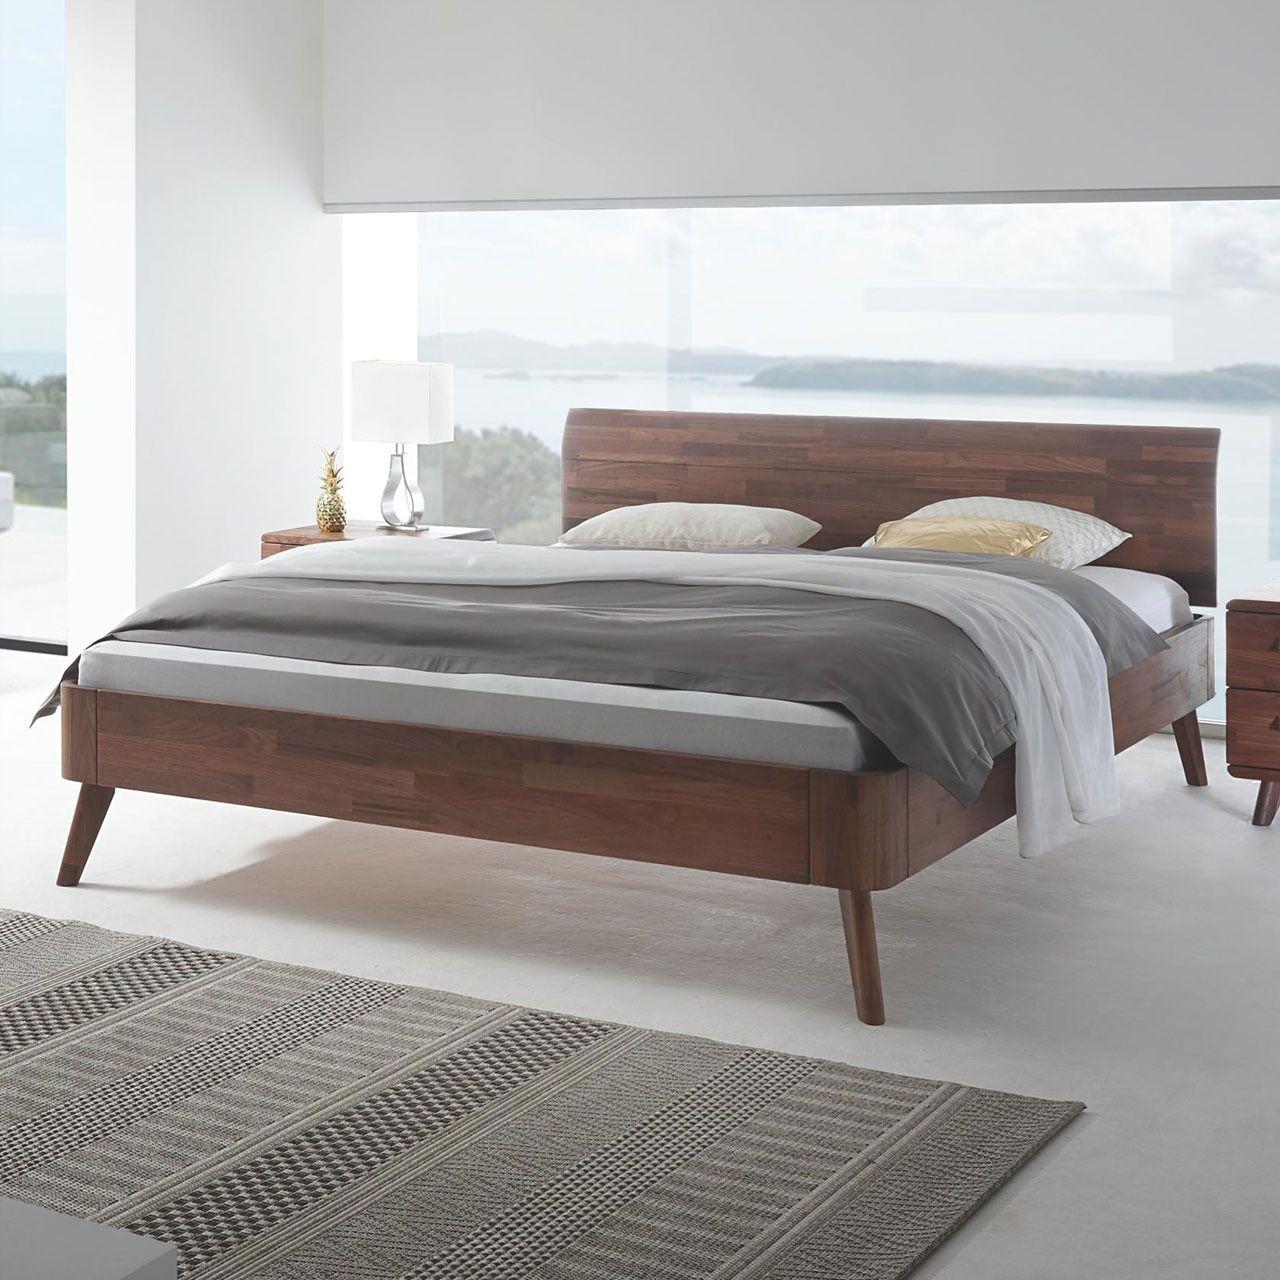 Die Schweizer Marke Hasena Produziert Betten Mit Einem